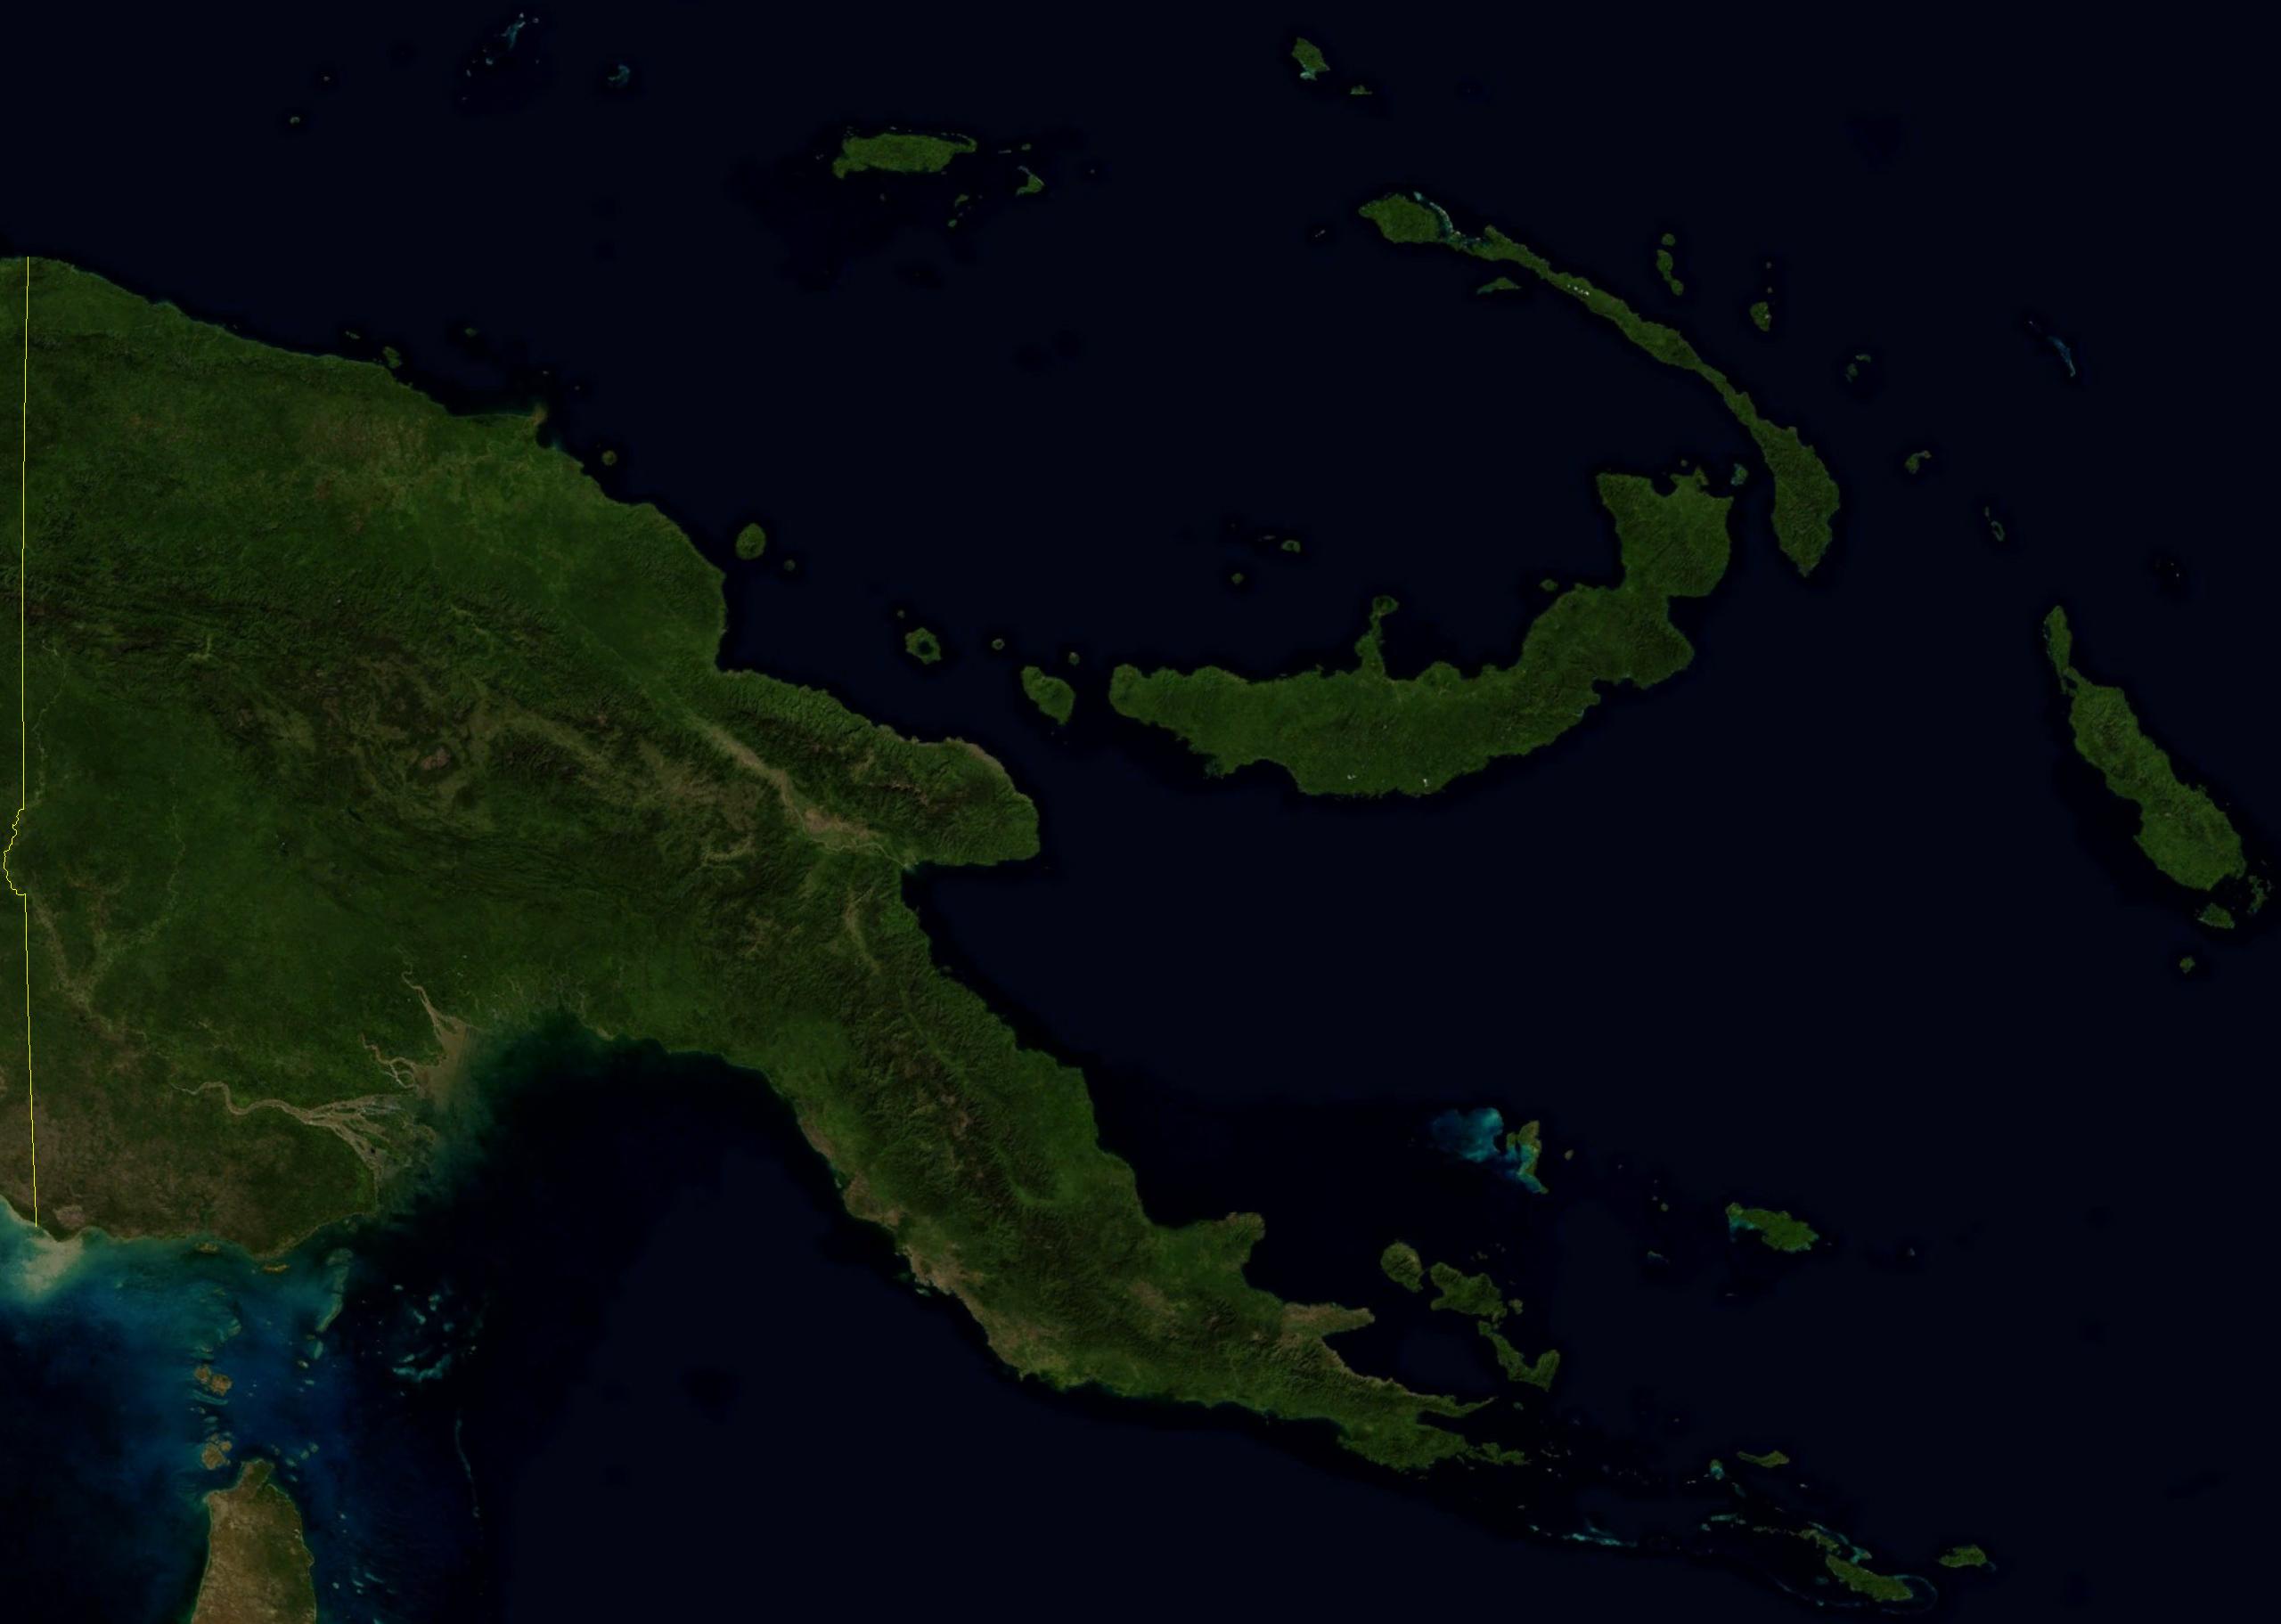 Outline of Papua New Guinea.